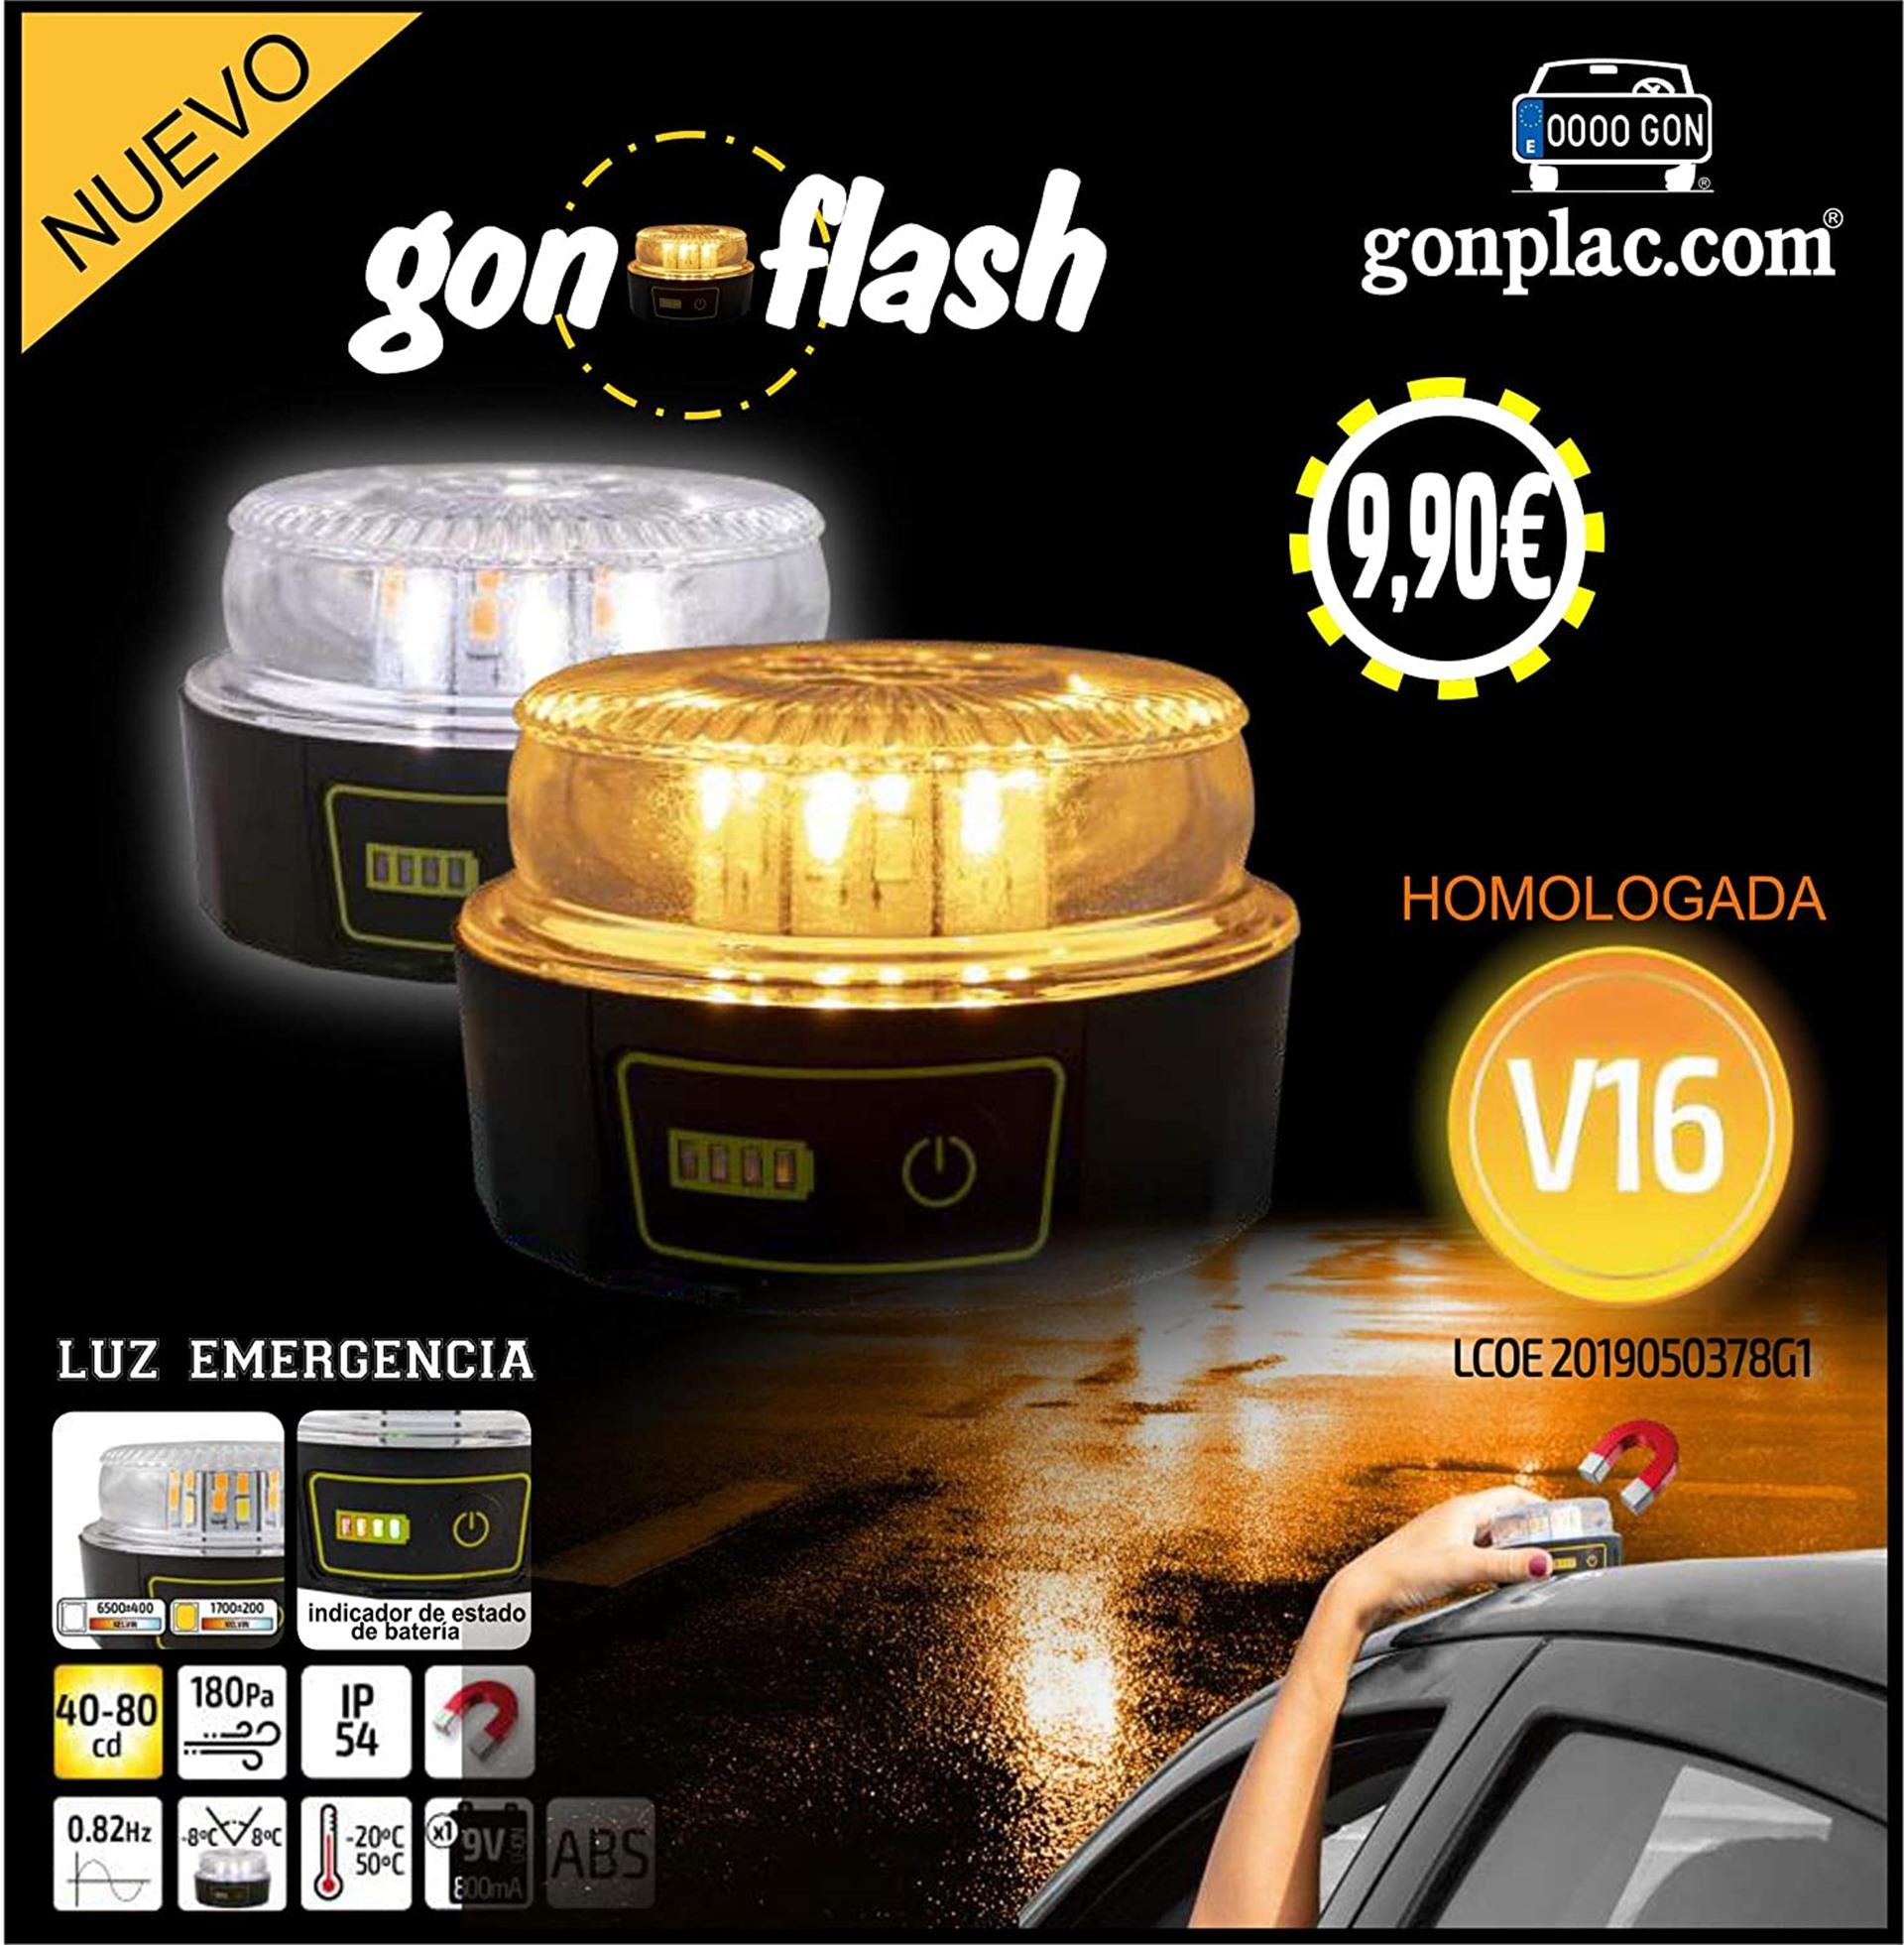 Gonplac Gon Flash